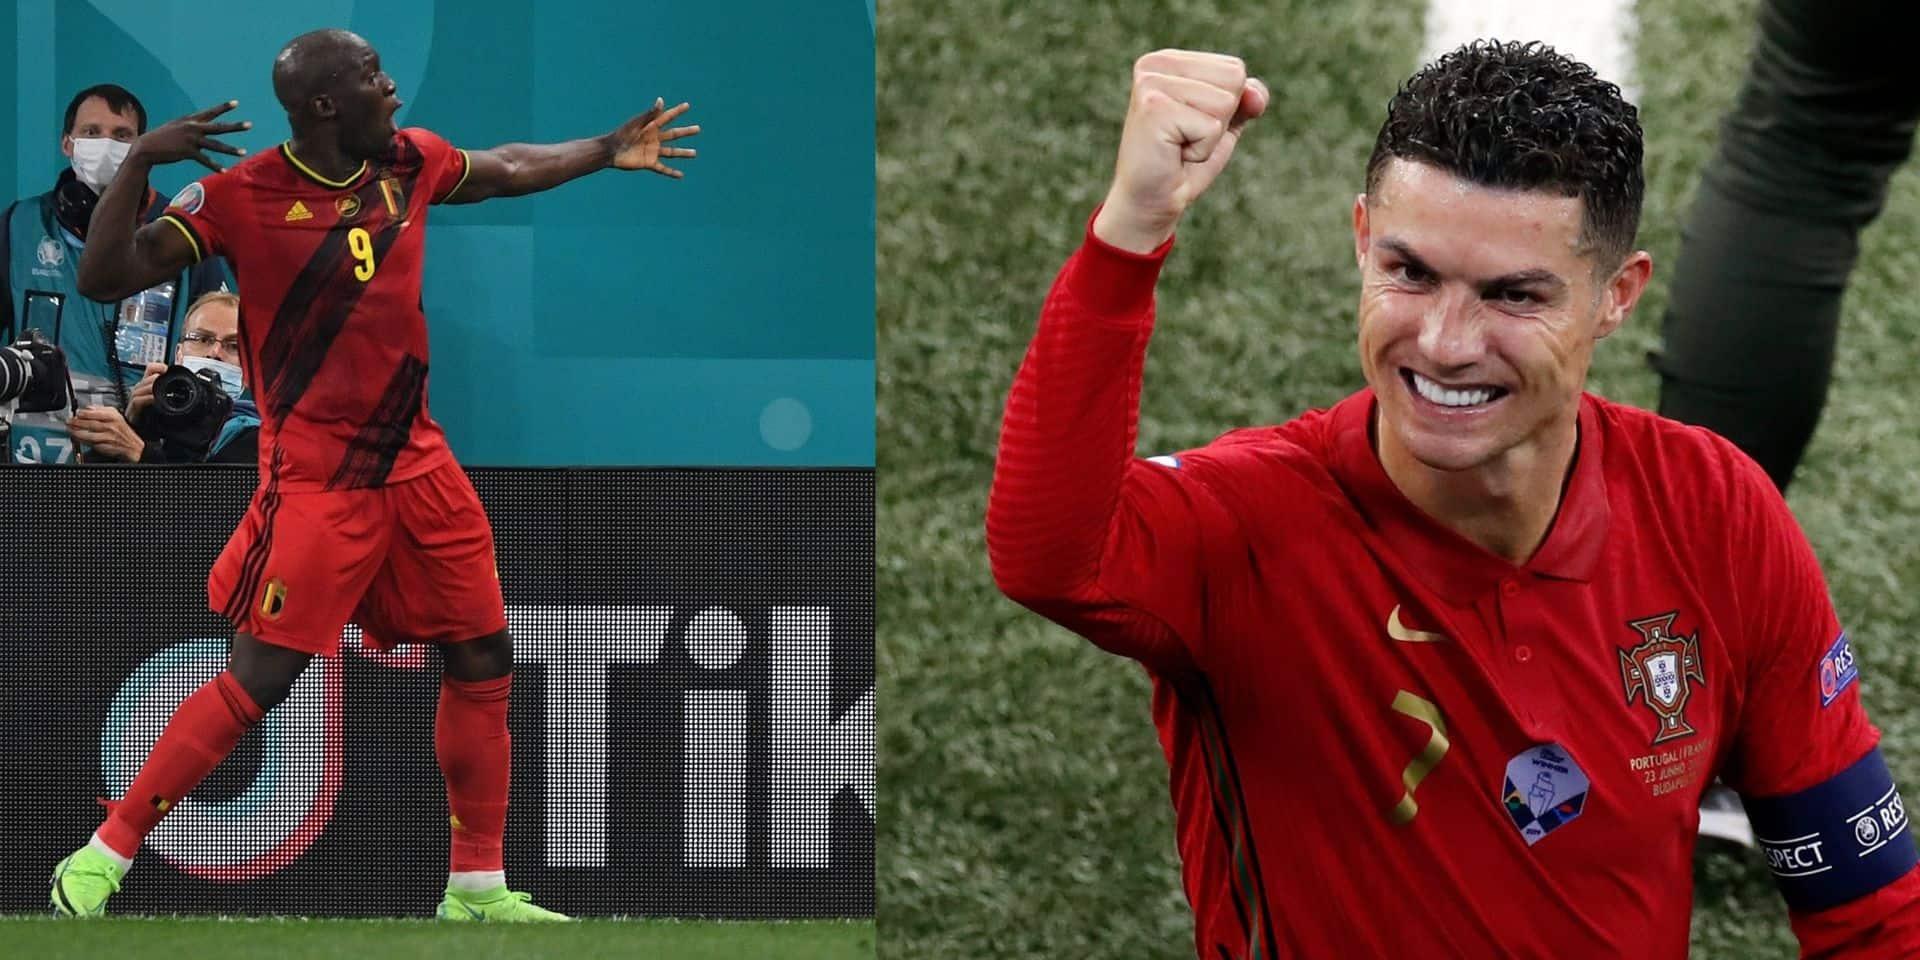 Belgique-Portugal: duel entre un monstre et une légende